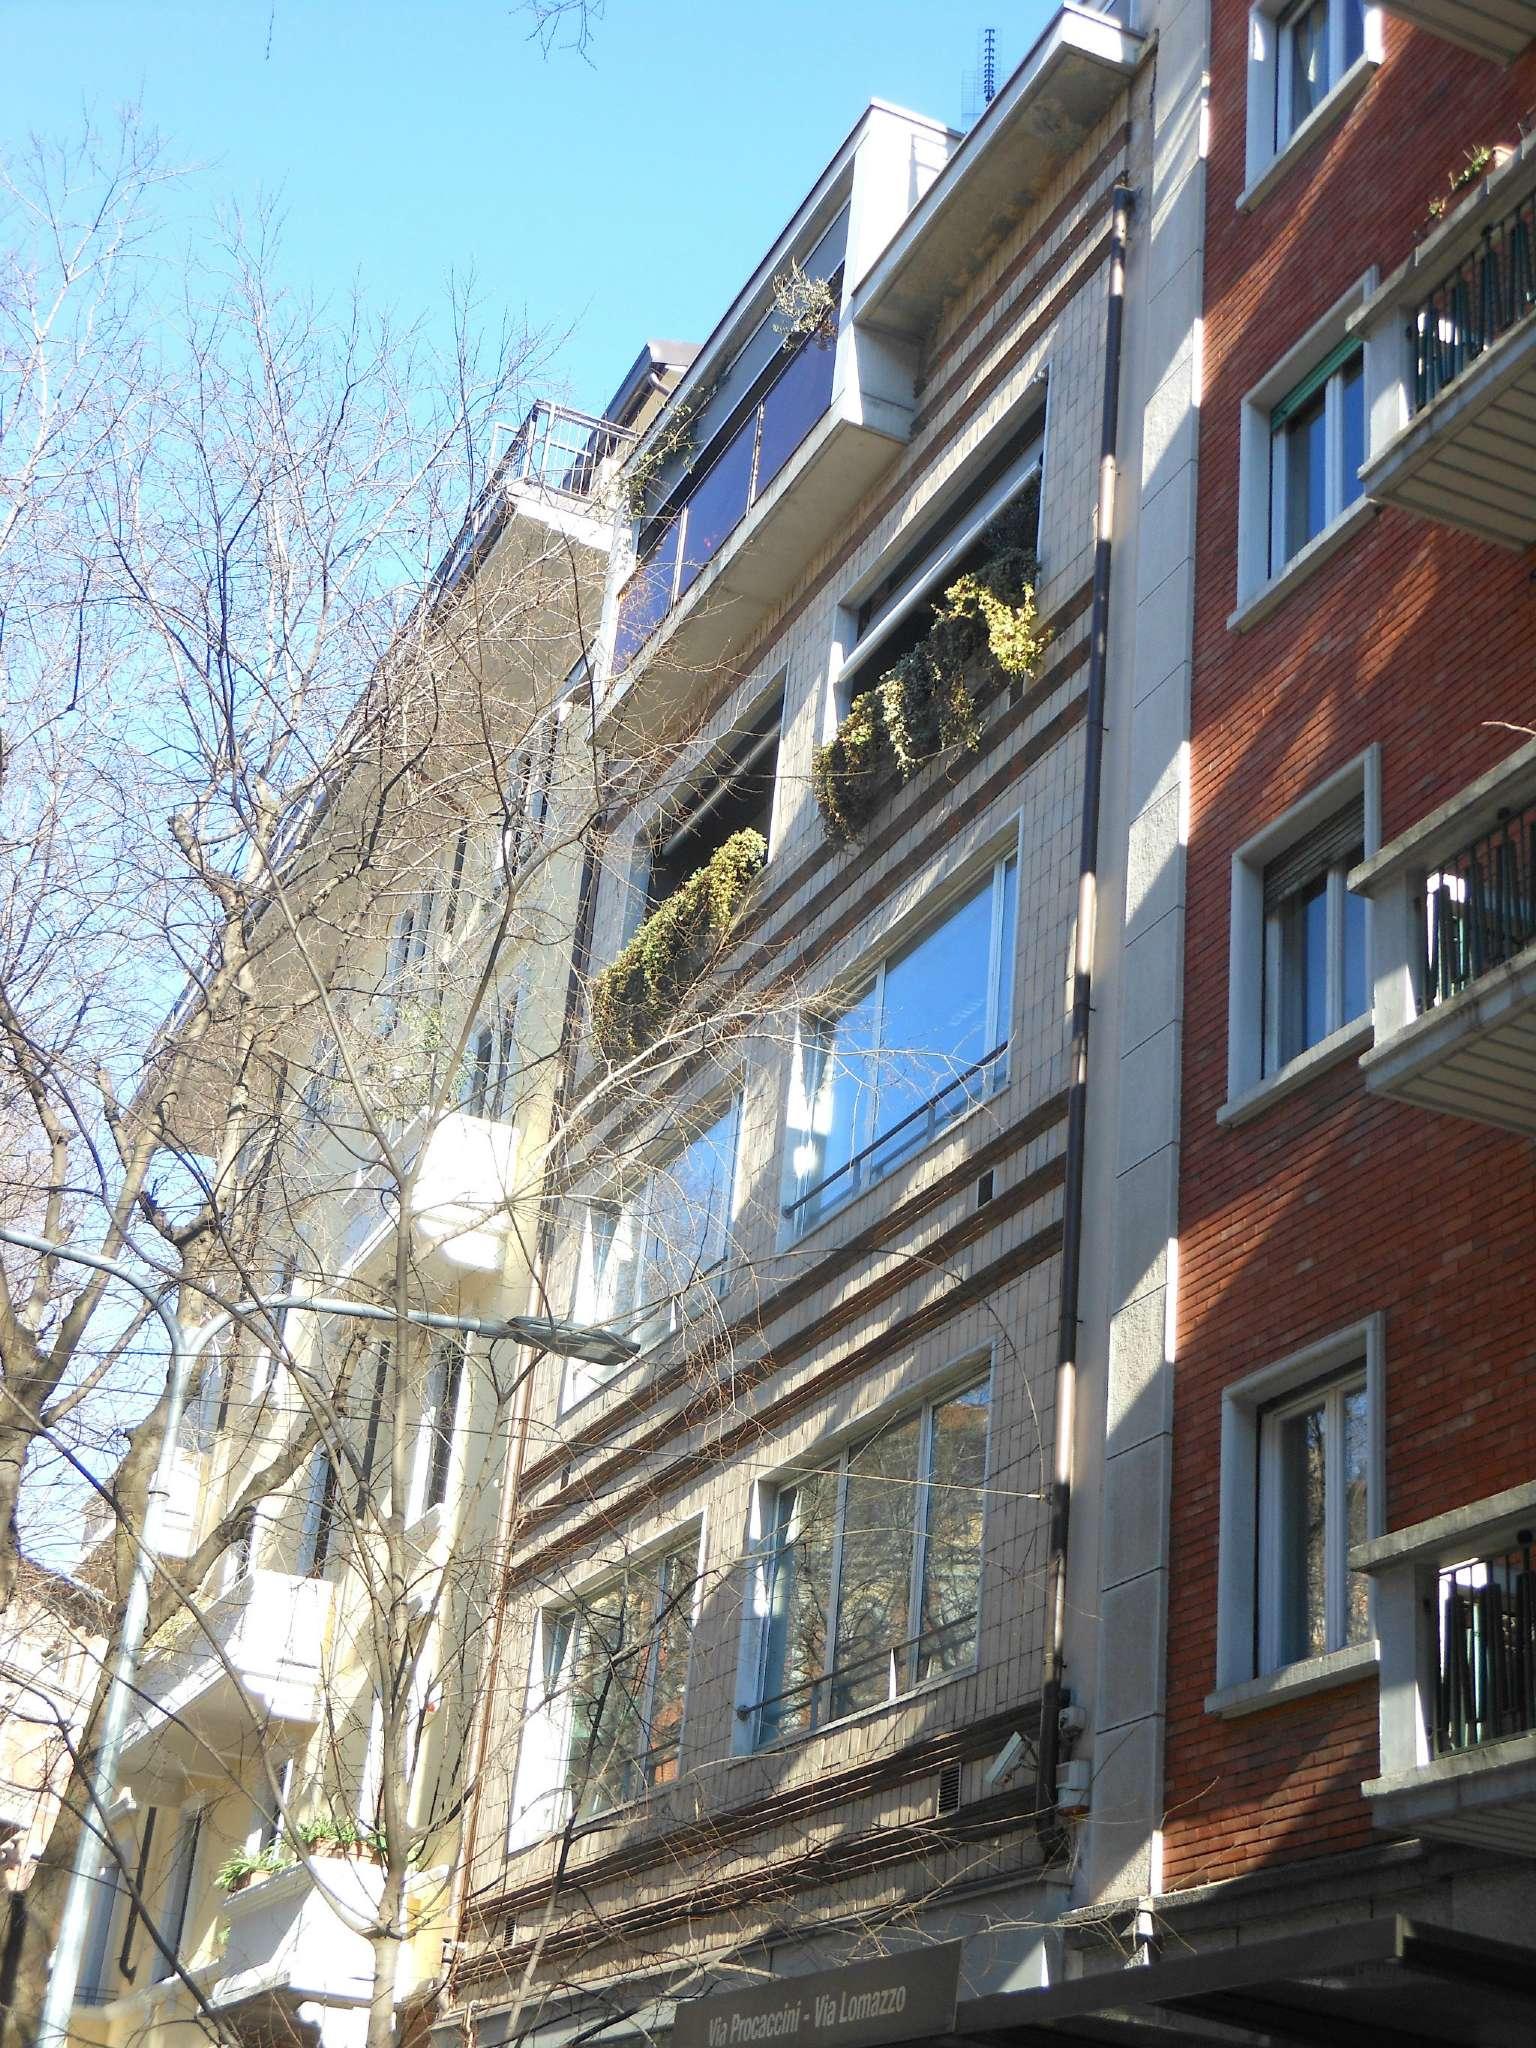 Palazzo / Stabile in vendita a Milano, 20 locali, zona Zona: 15 . Fiera, Firenze, Sempione, Pagano, Amendola, Paolo Sarpi, Arena, prezzo € 3.600.000 | Cambio Casa.it